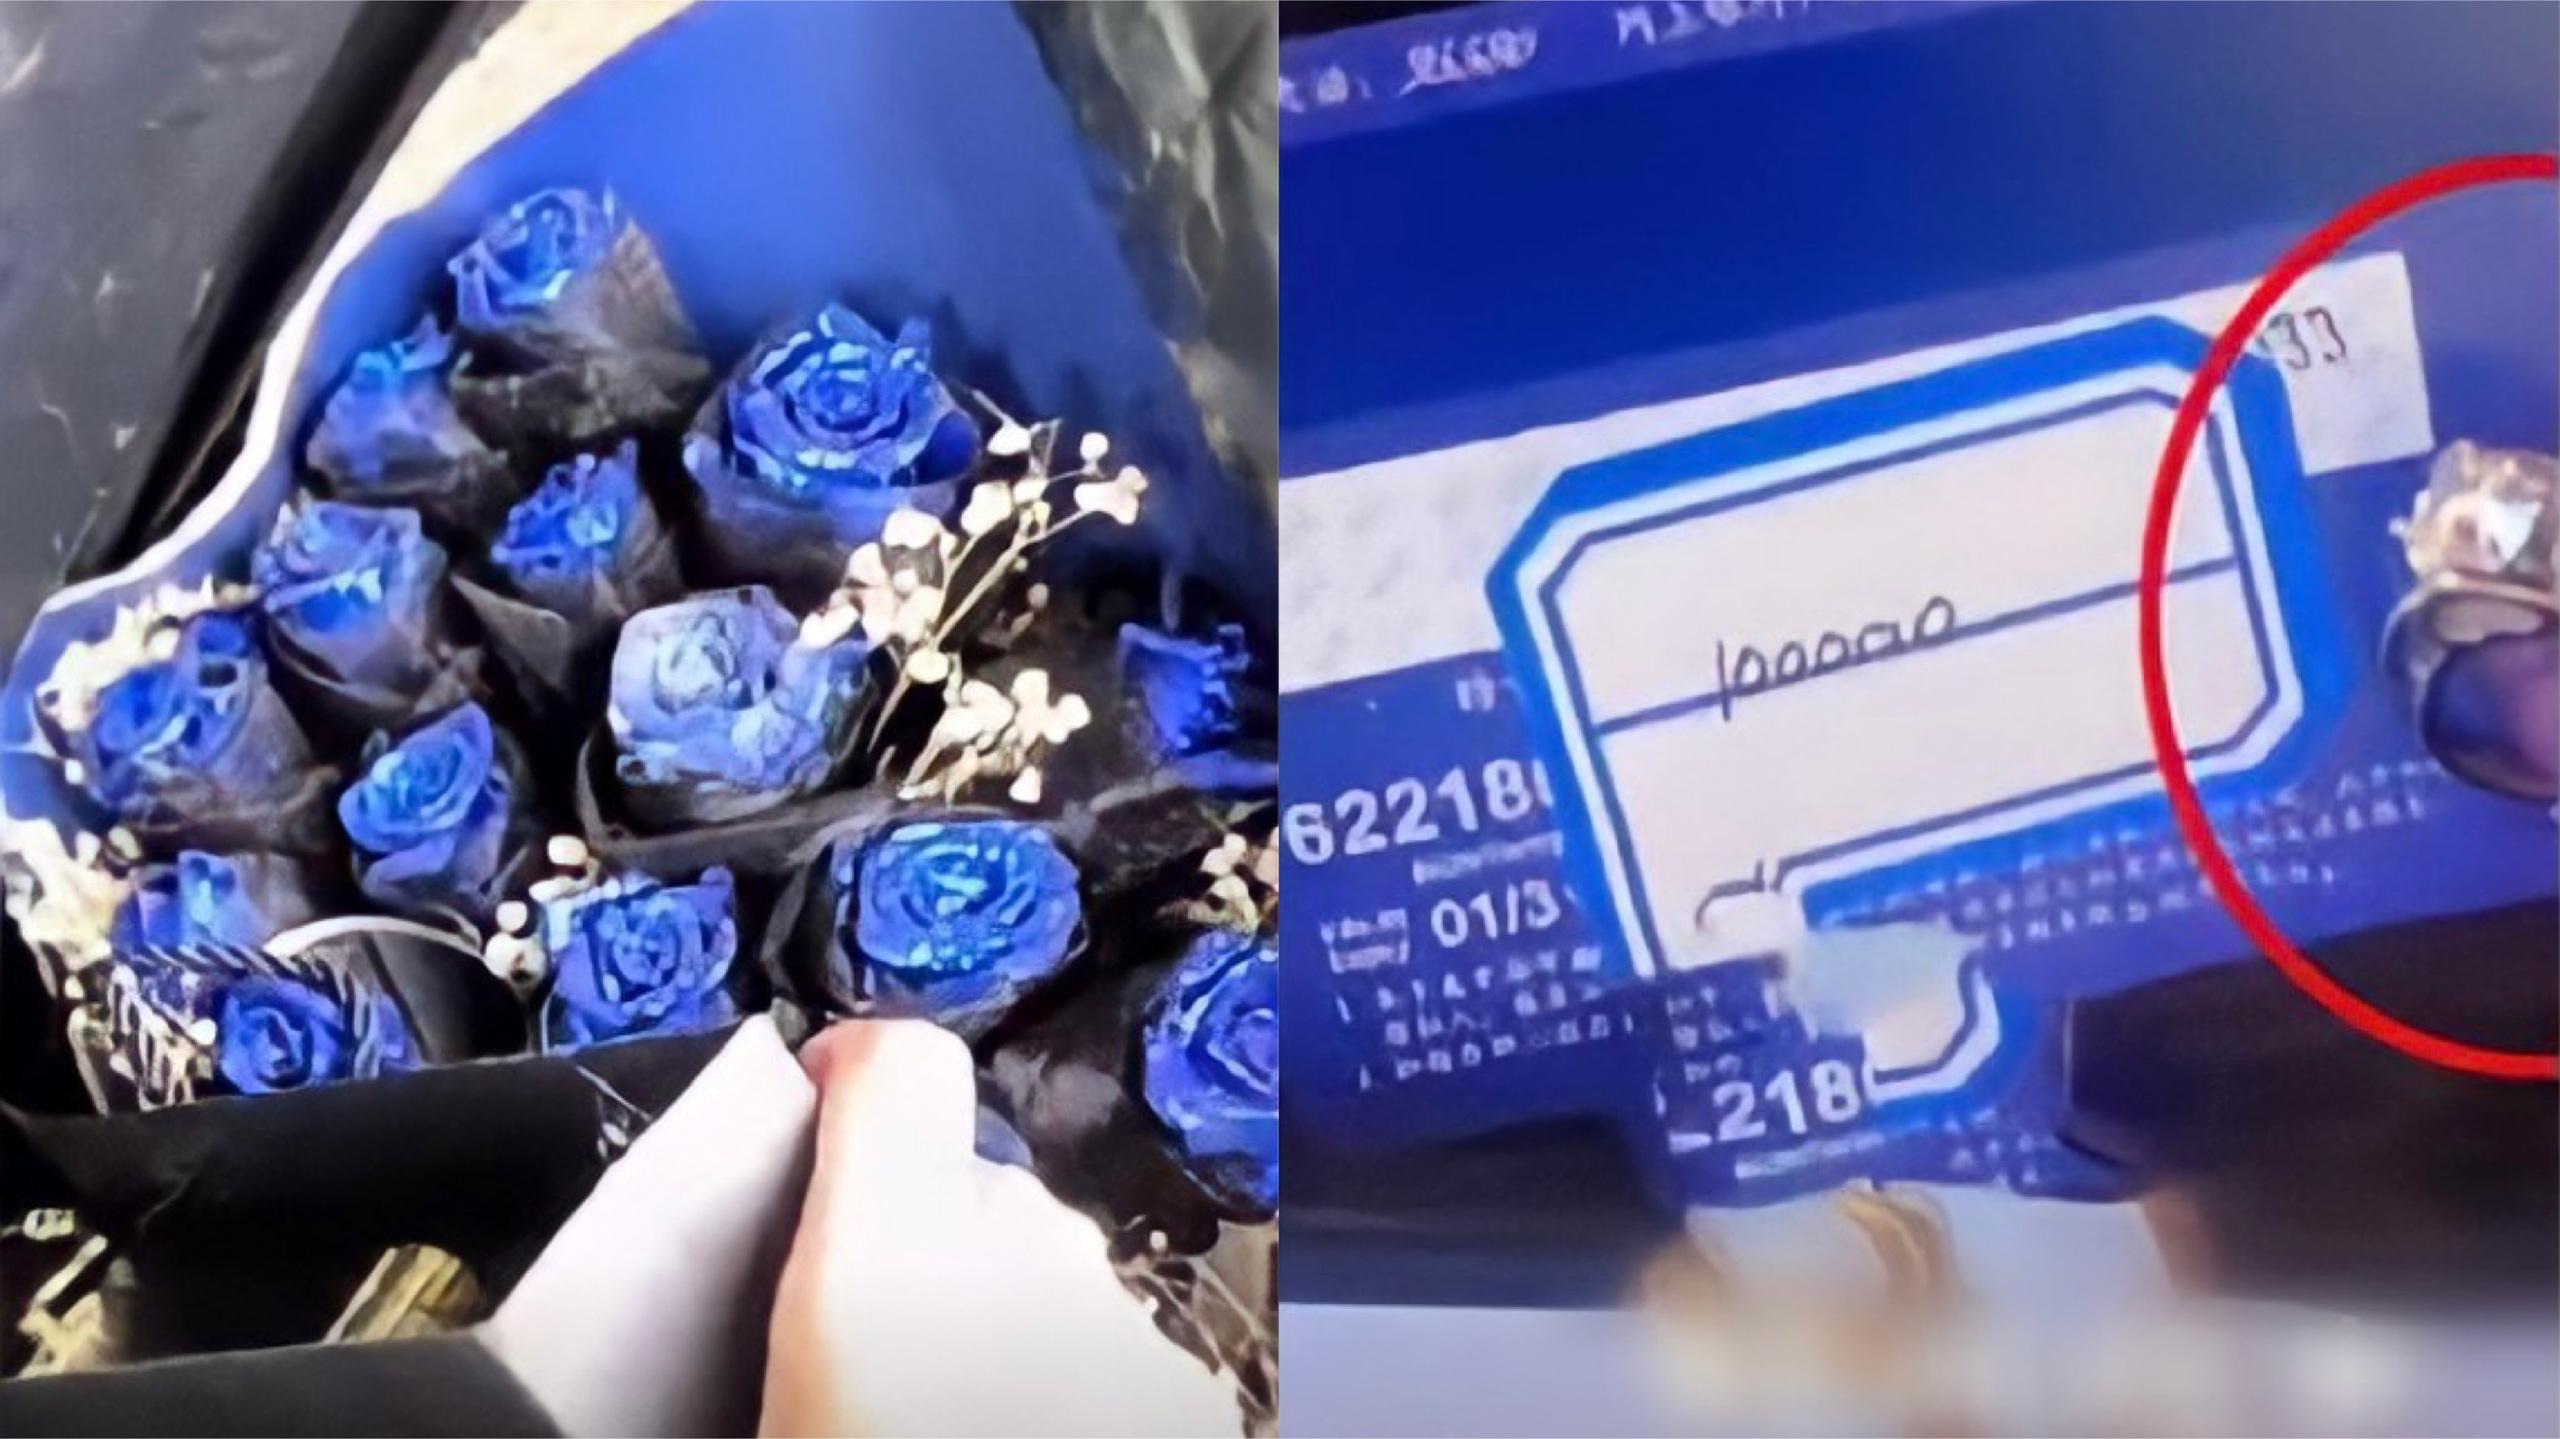 Những cô gái não cá vàng của năm: Người cầm tiền đi gửi ngân hàng lại tiện tay ném luôn vào thùng rác, kẻ vứt nhầm hộp quà đáng giá cả gia tài - Ảnh 3.